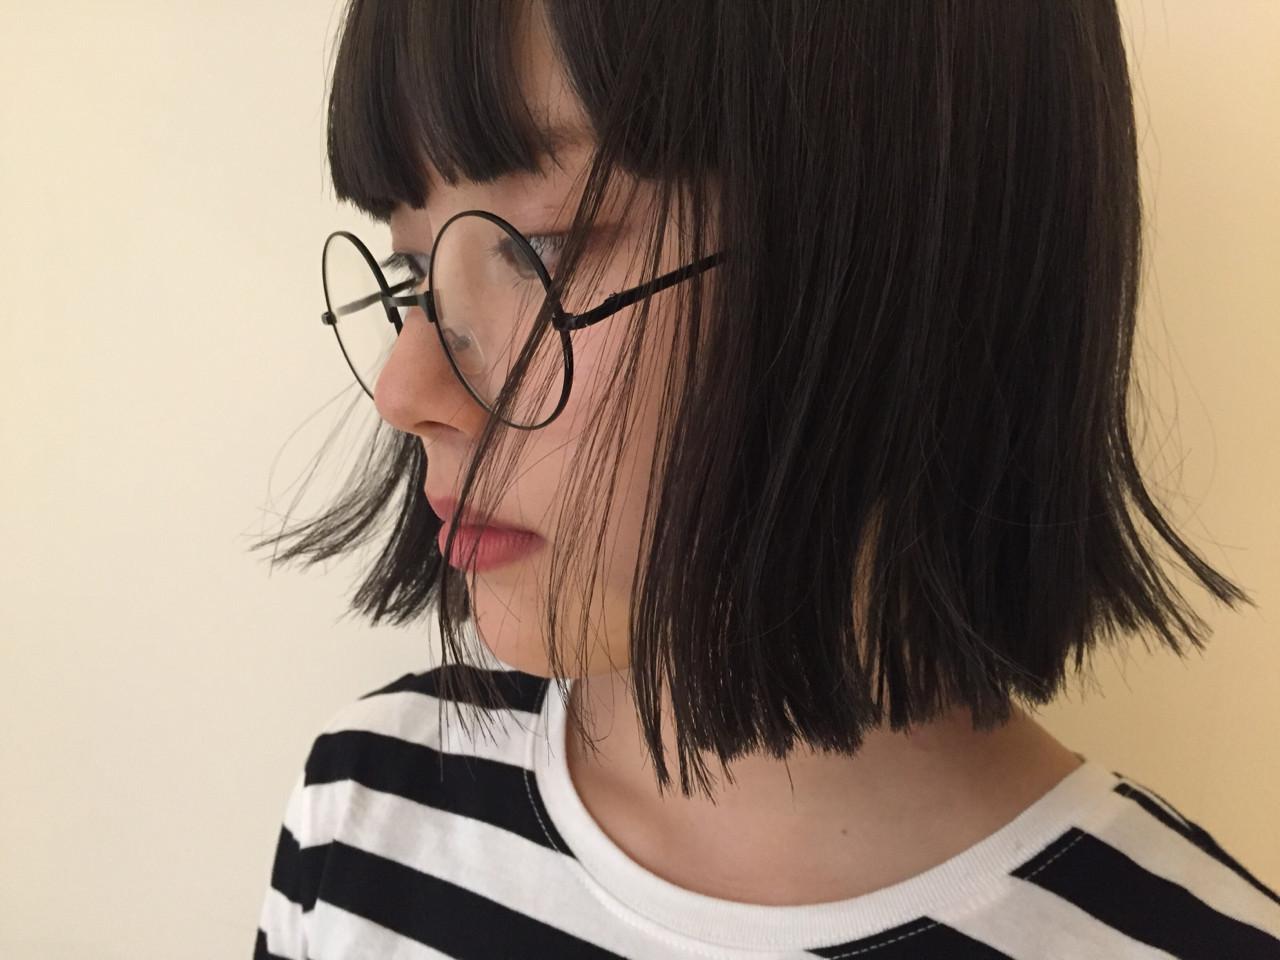 カジュアルなヘアスタイルなら外ハネがおすすめ! 水谷優太 | BUDDYHAIRFRAIS